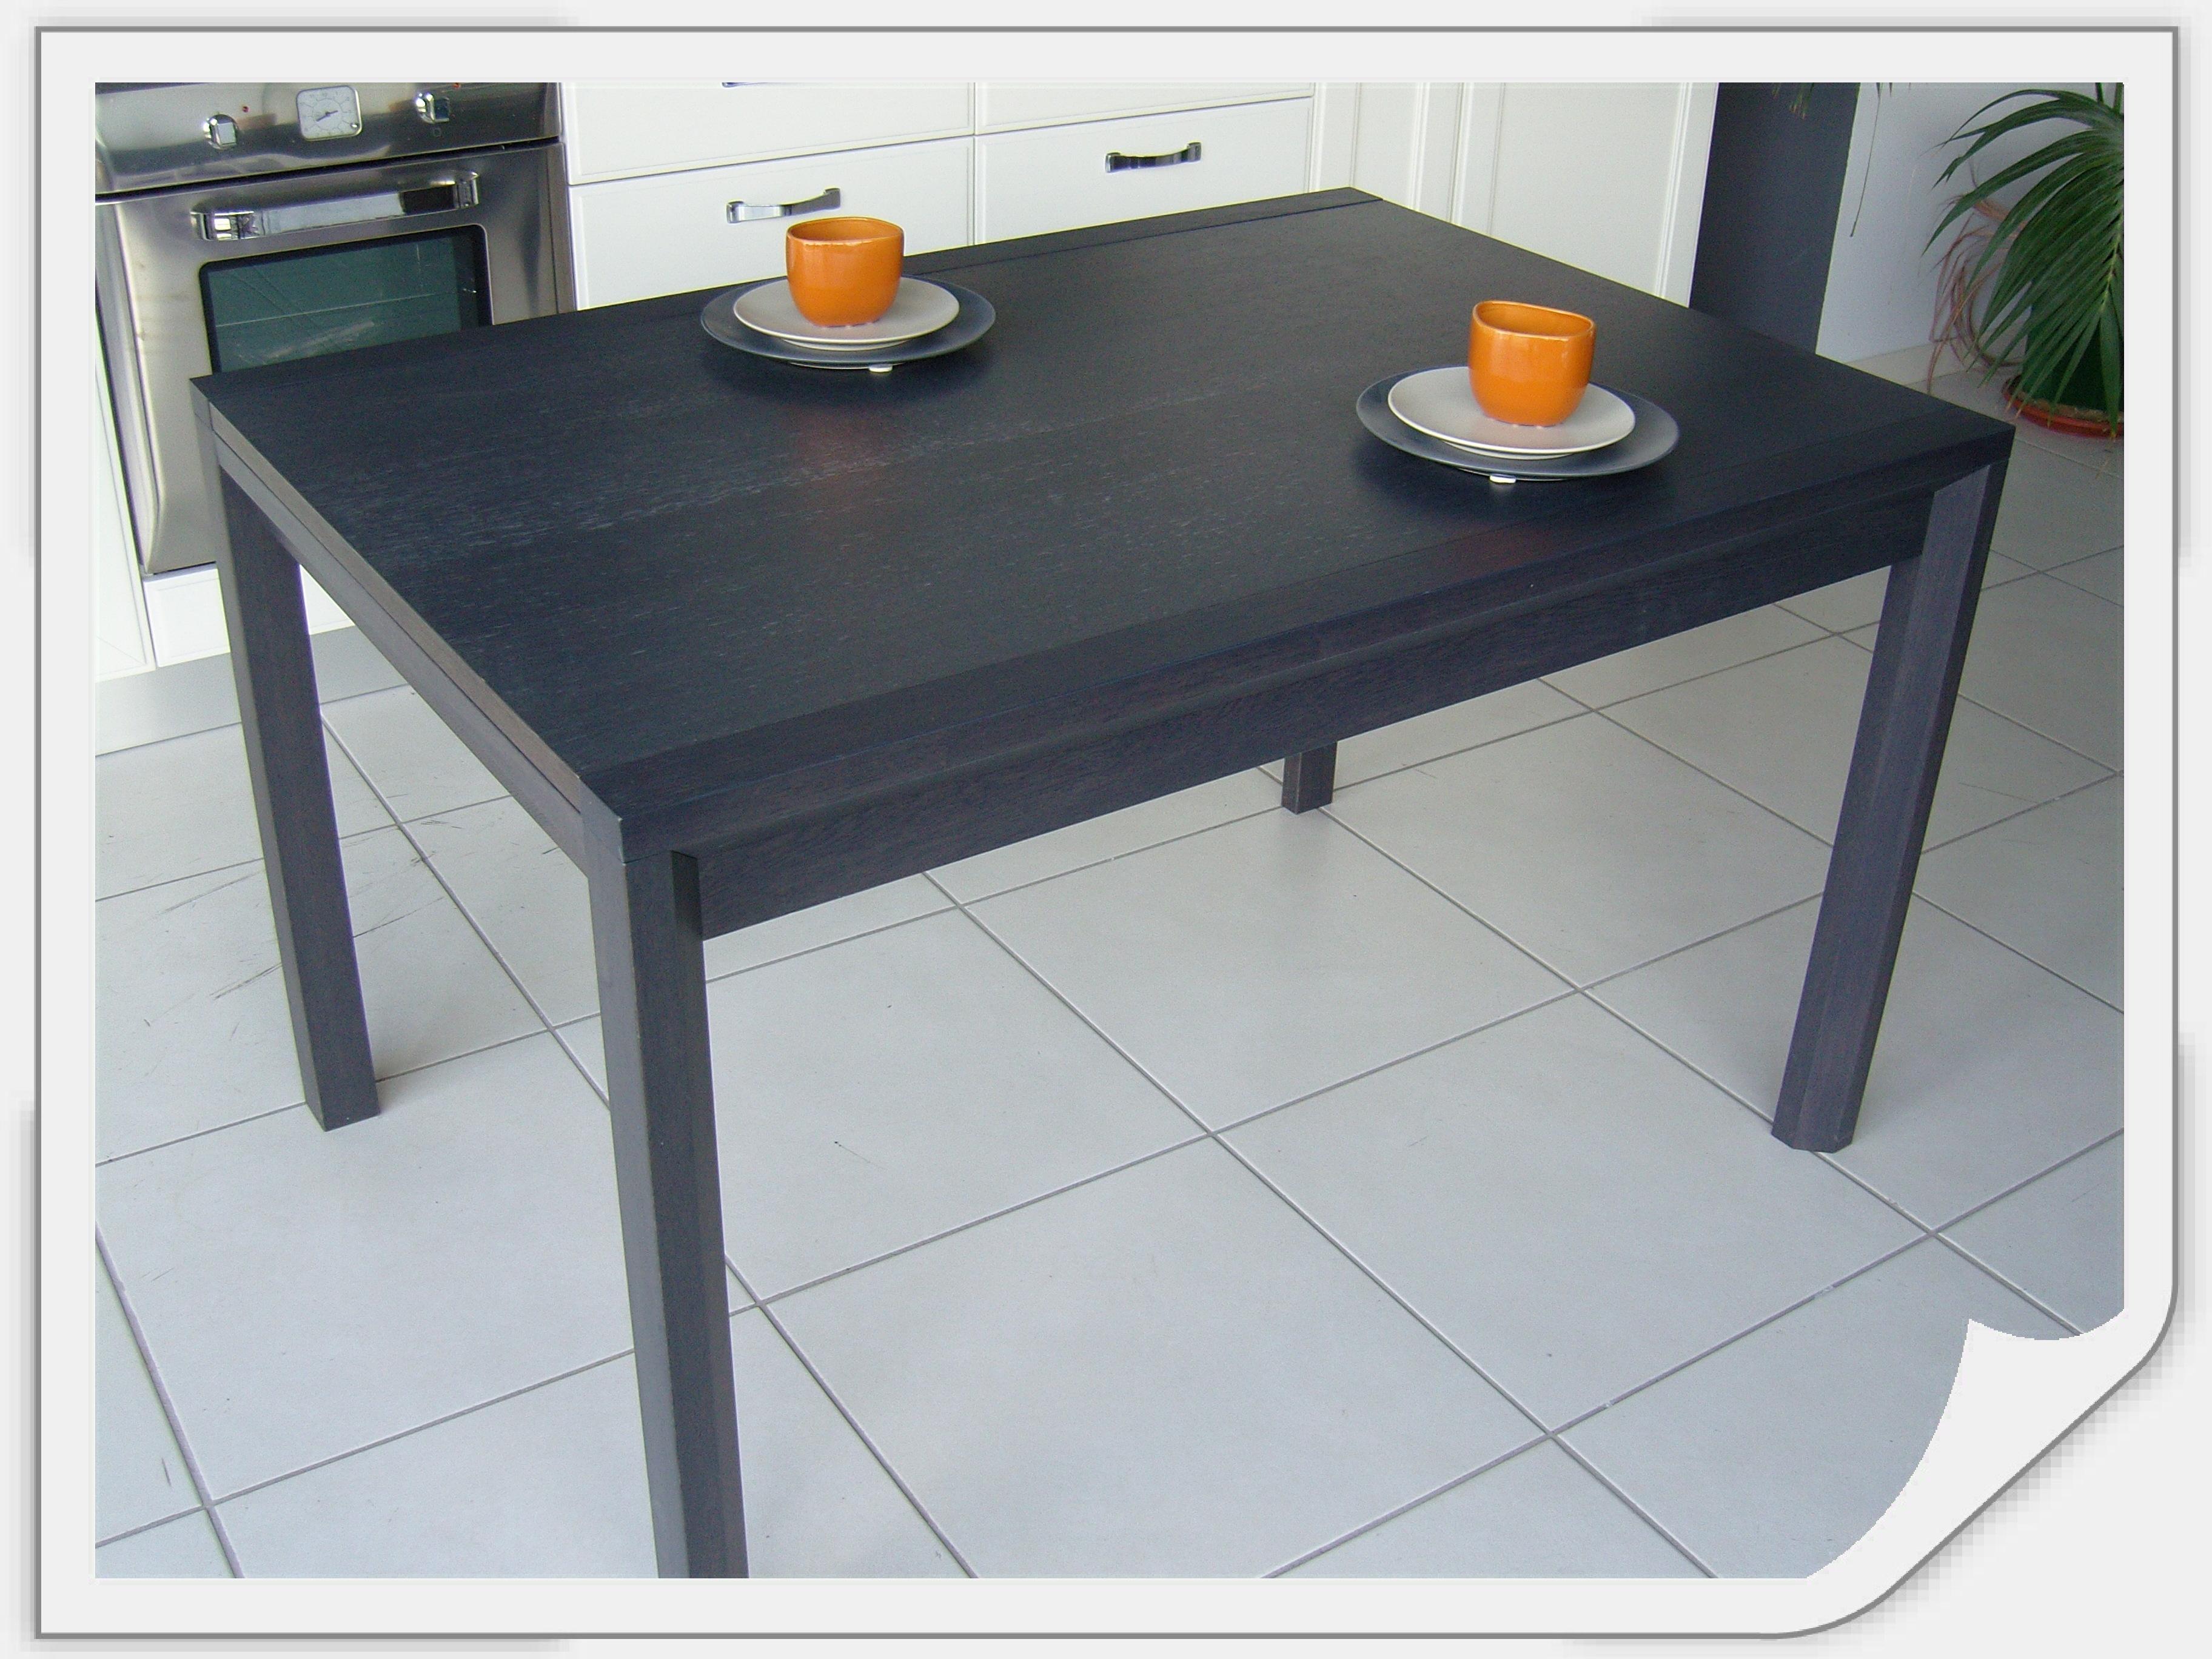 Tavolo treviso ged cucine rettangolare allungabile - Tavolo legno allungabile prezzi ...